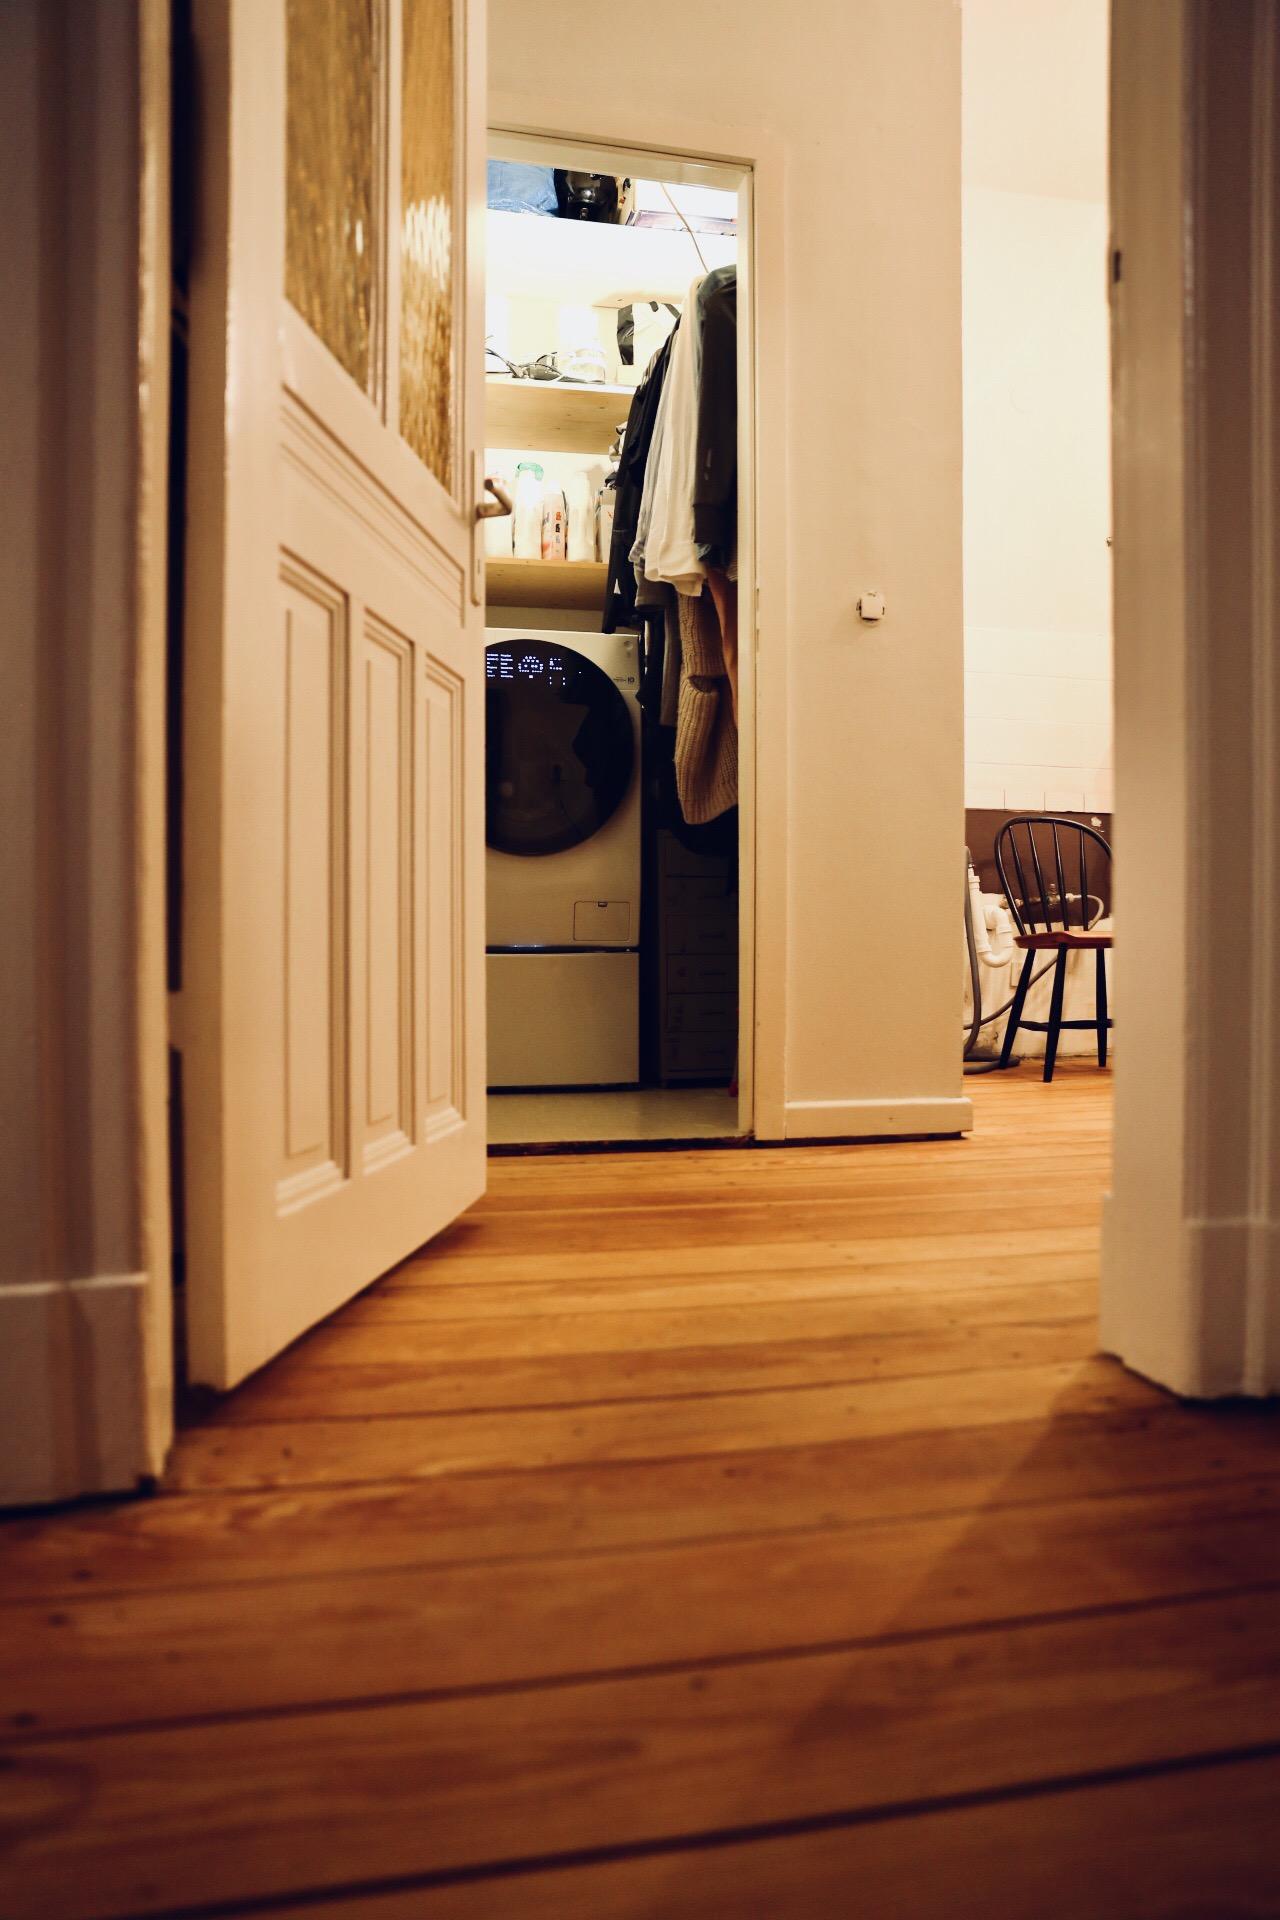 ich twasche jetzt oder einfach eine smarte waschmaschine ist eingezogen werbung. Black Bedroom Furniture Sets. Home Design Ideas